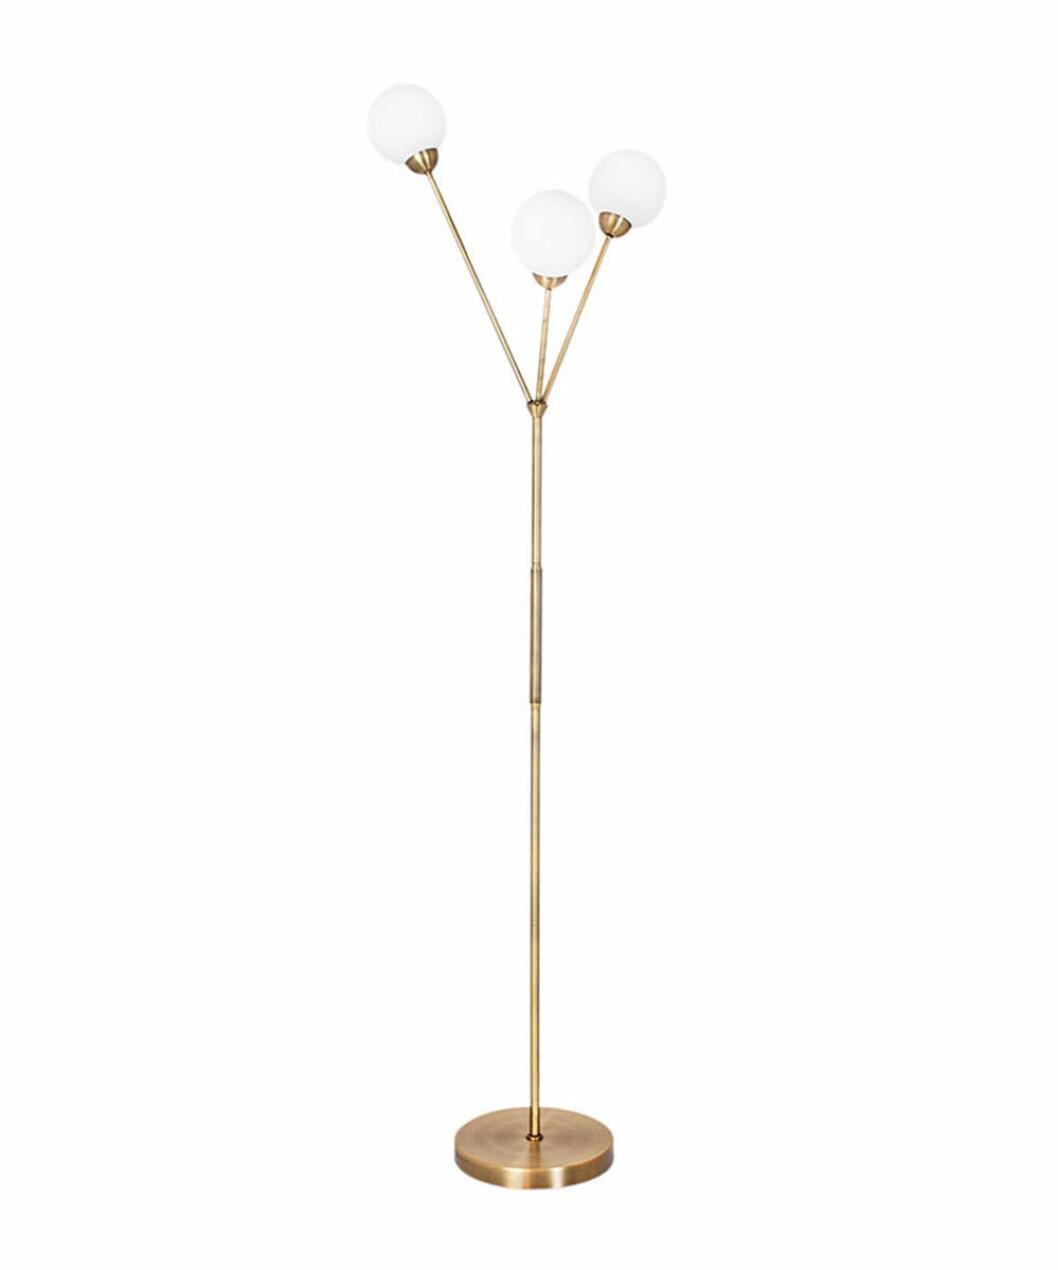 3some golvlampa i mässing och opalglas från By Rydéns